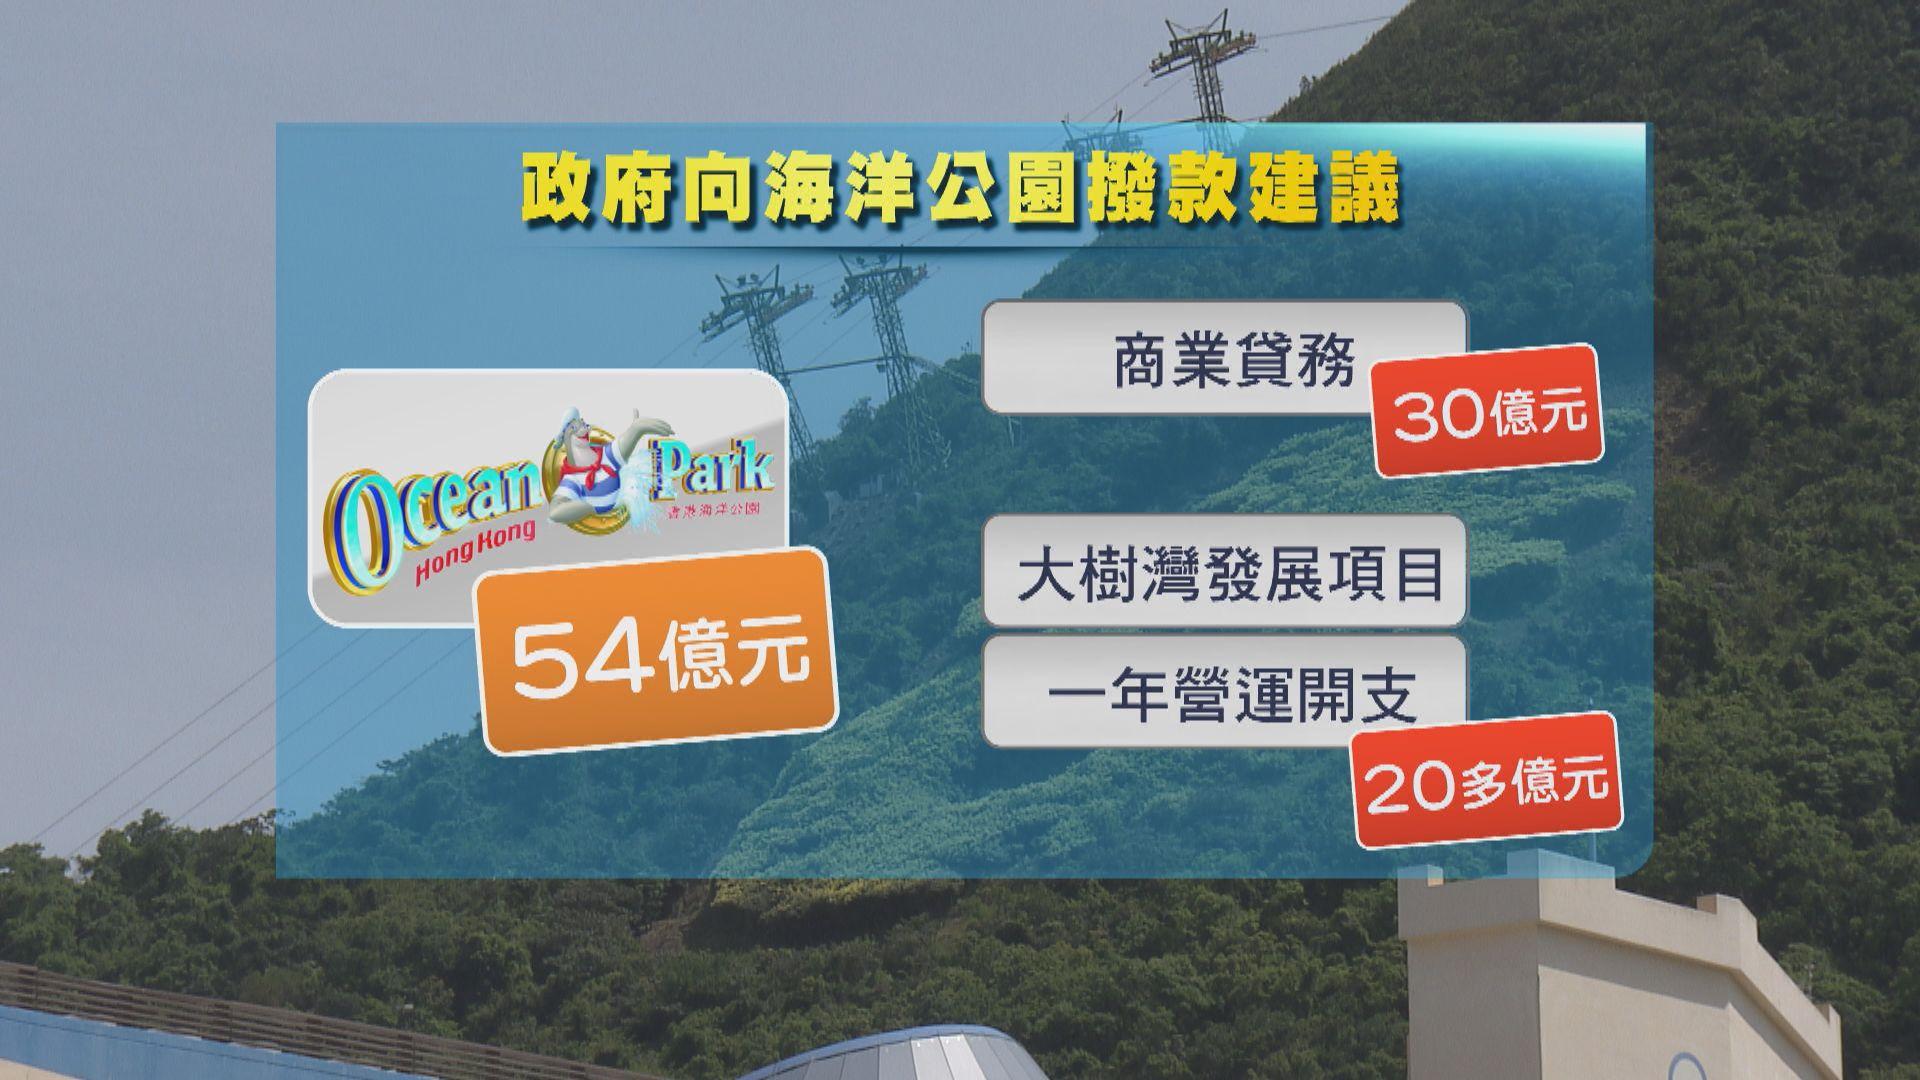 邱騰華促海洋公園半年內定發展方向 勿令資助成常態